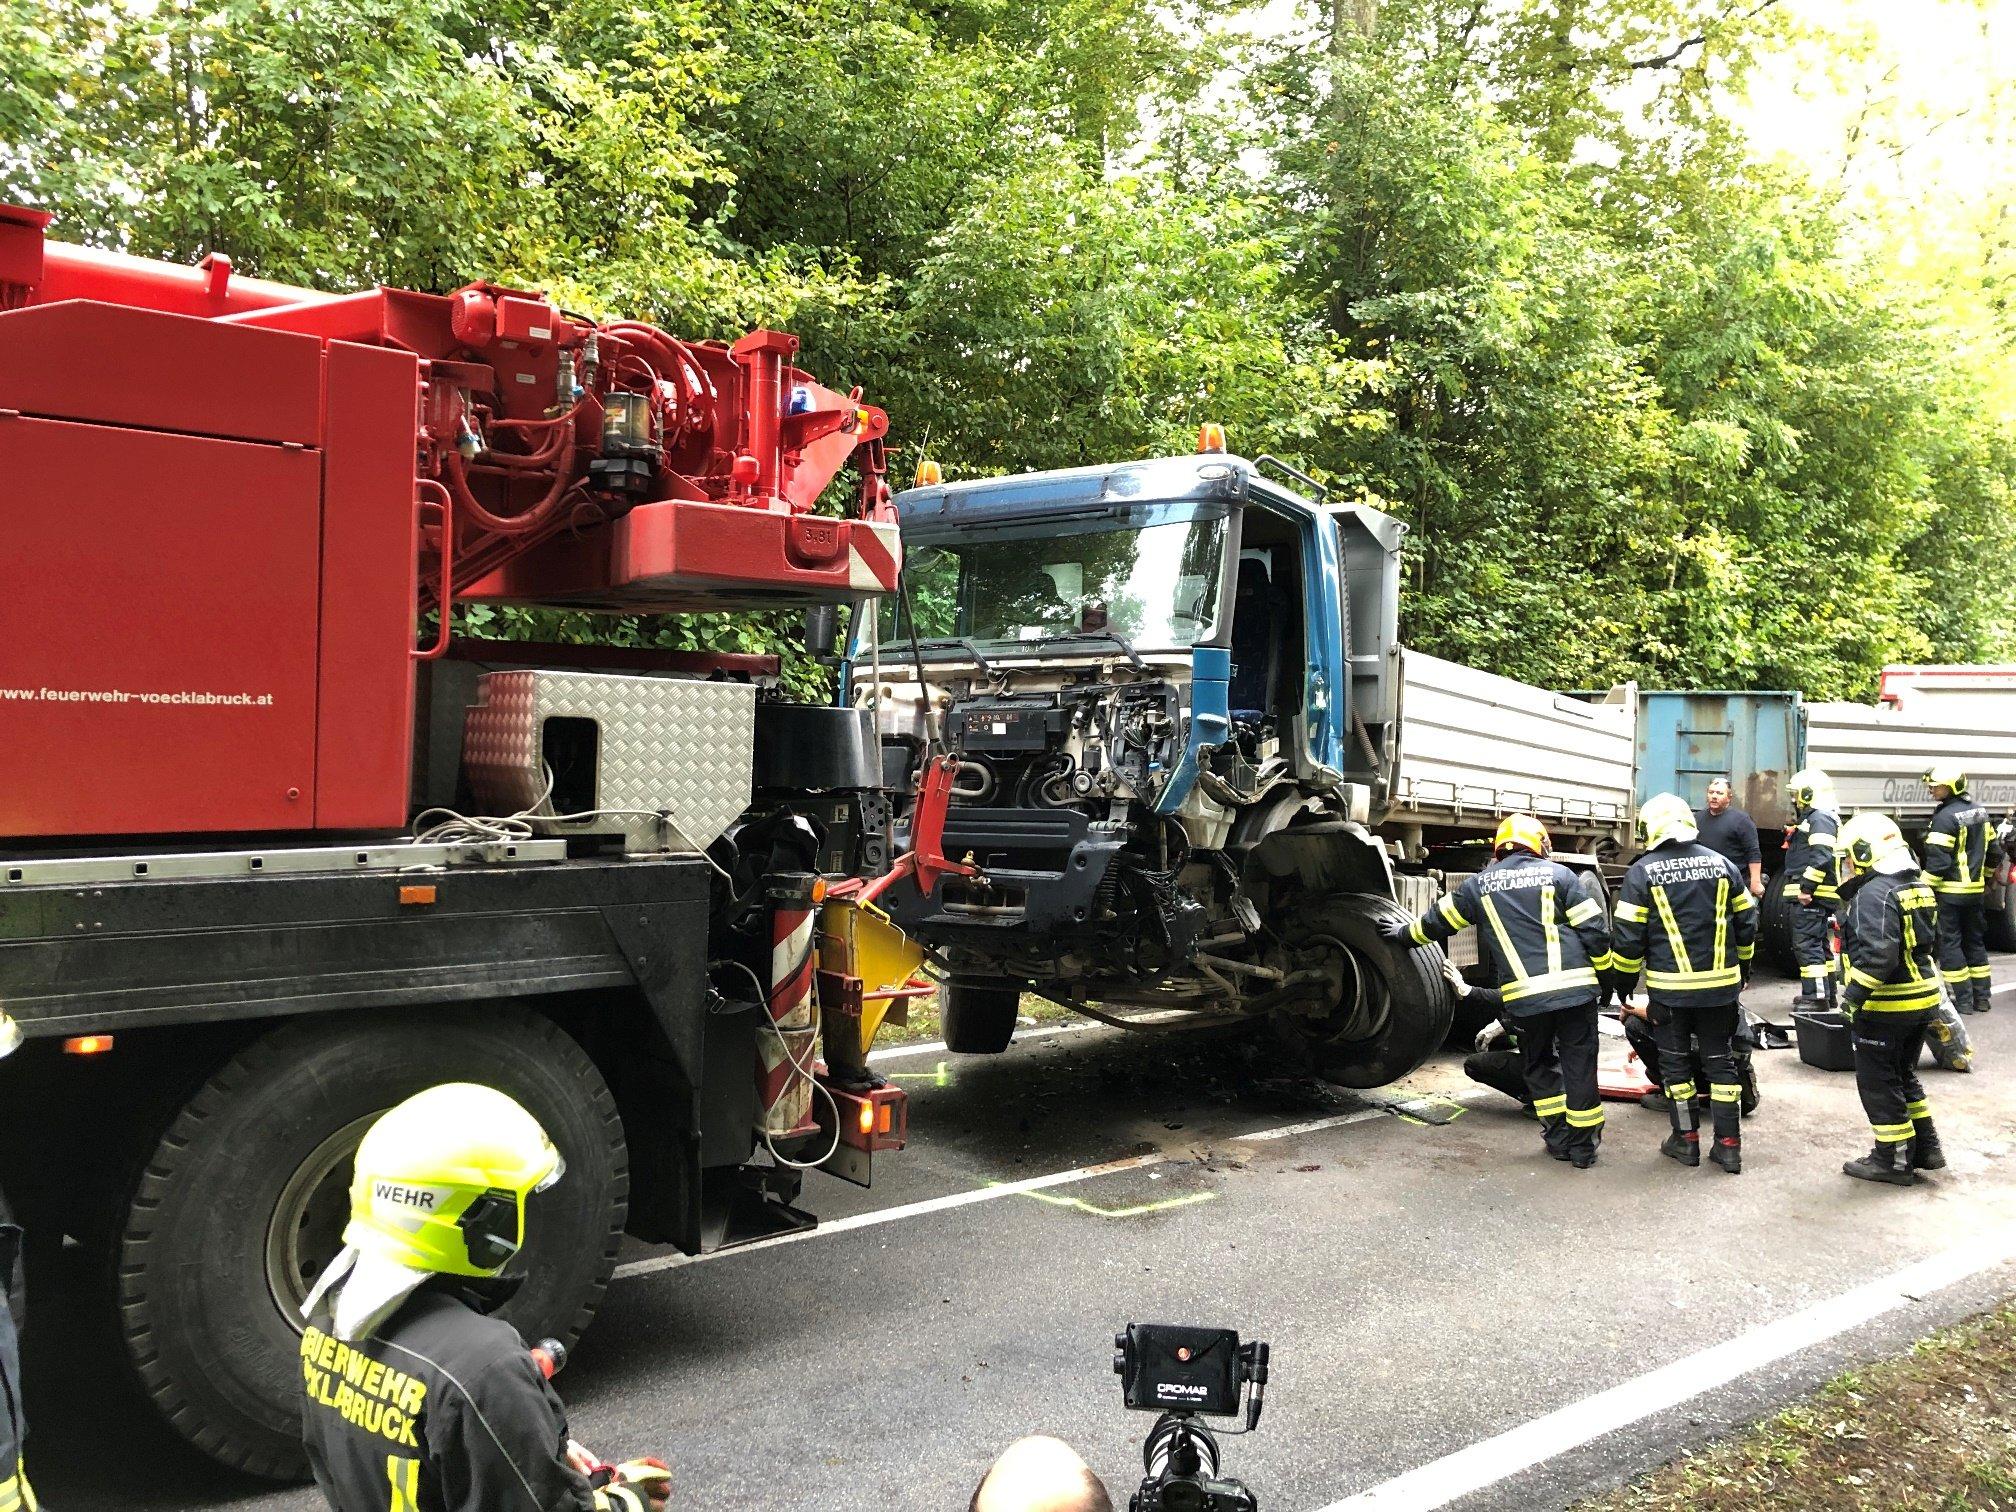 kranniederthalheim071019 3 - Traktorbergung Pfaffing